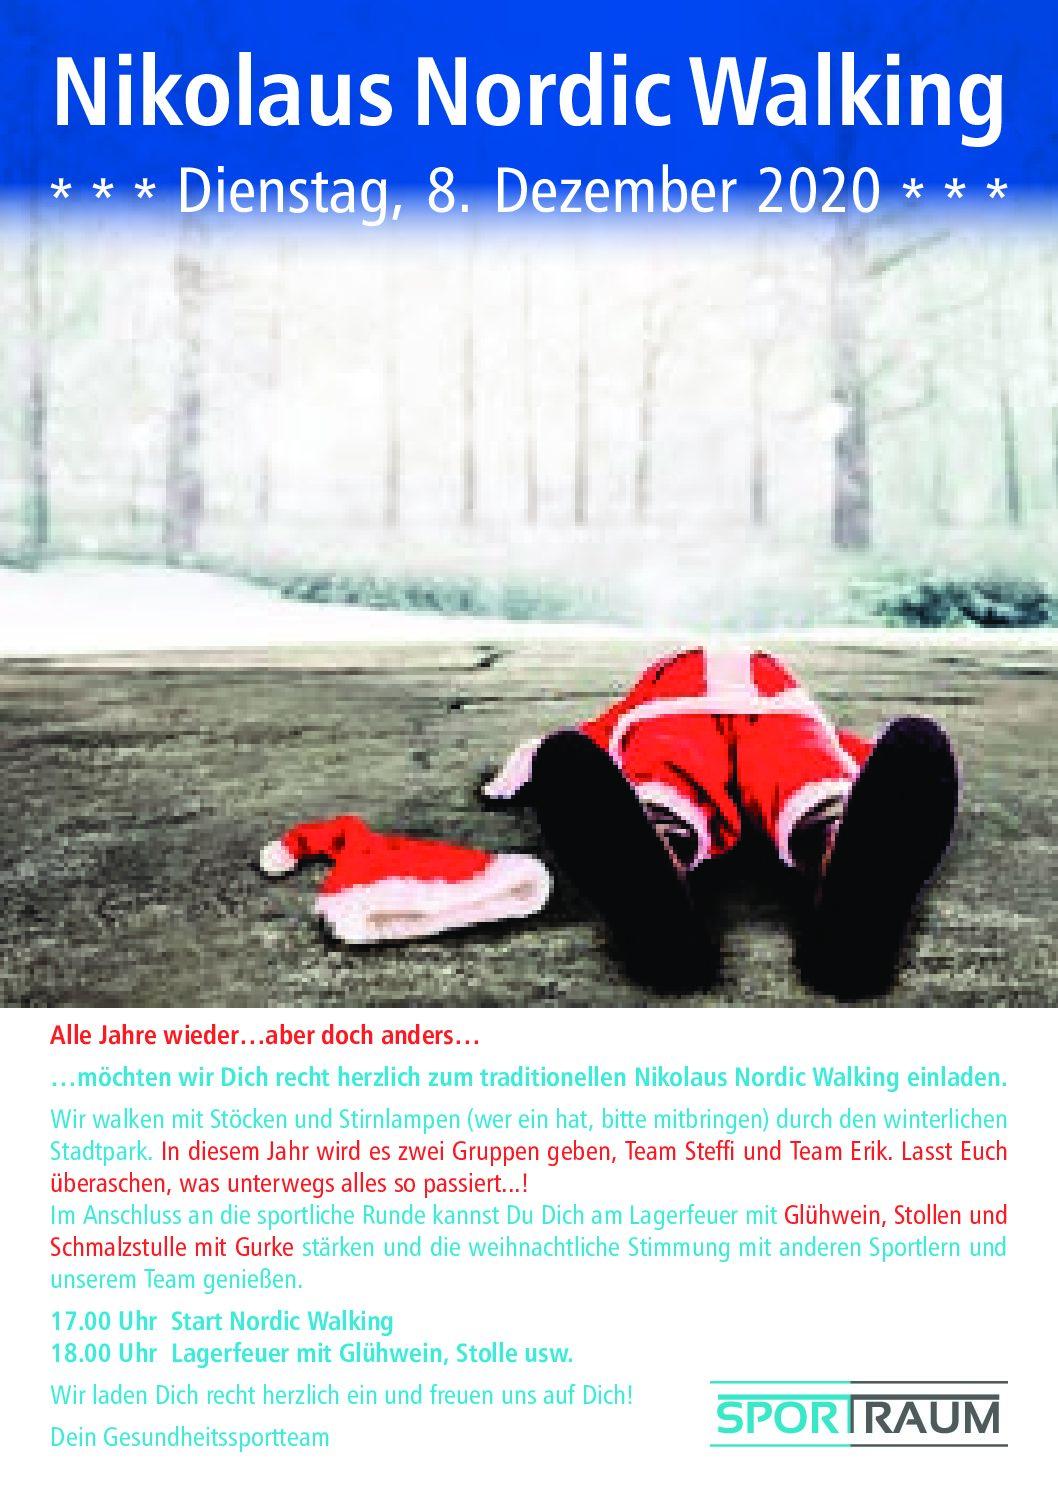 Nikolaus Nordic Walking am 8. Dezember ab 17 Uhr